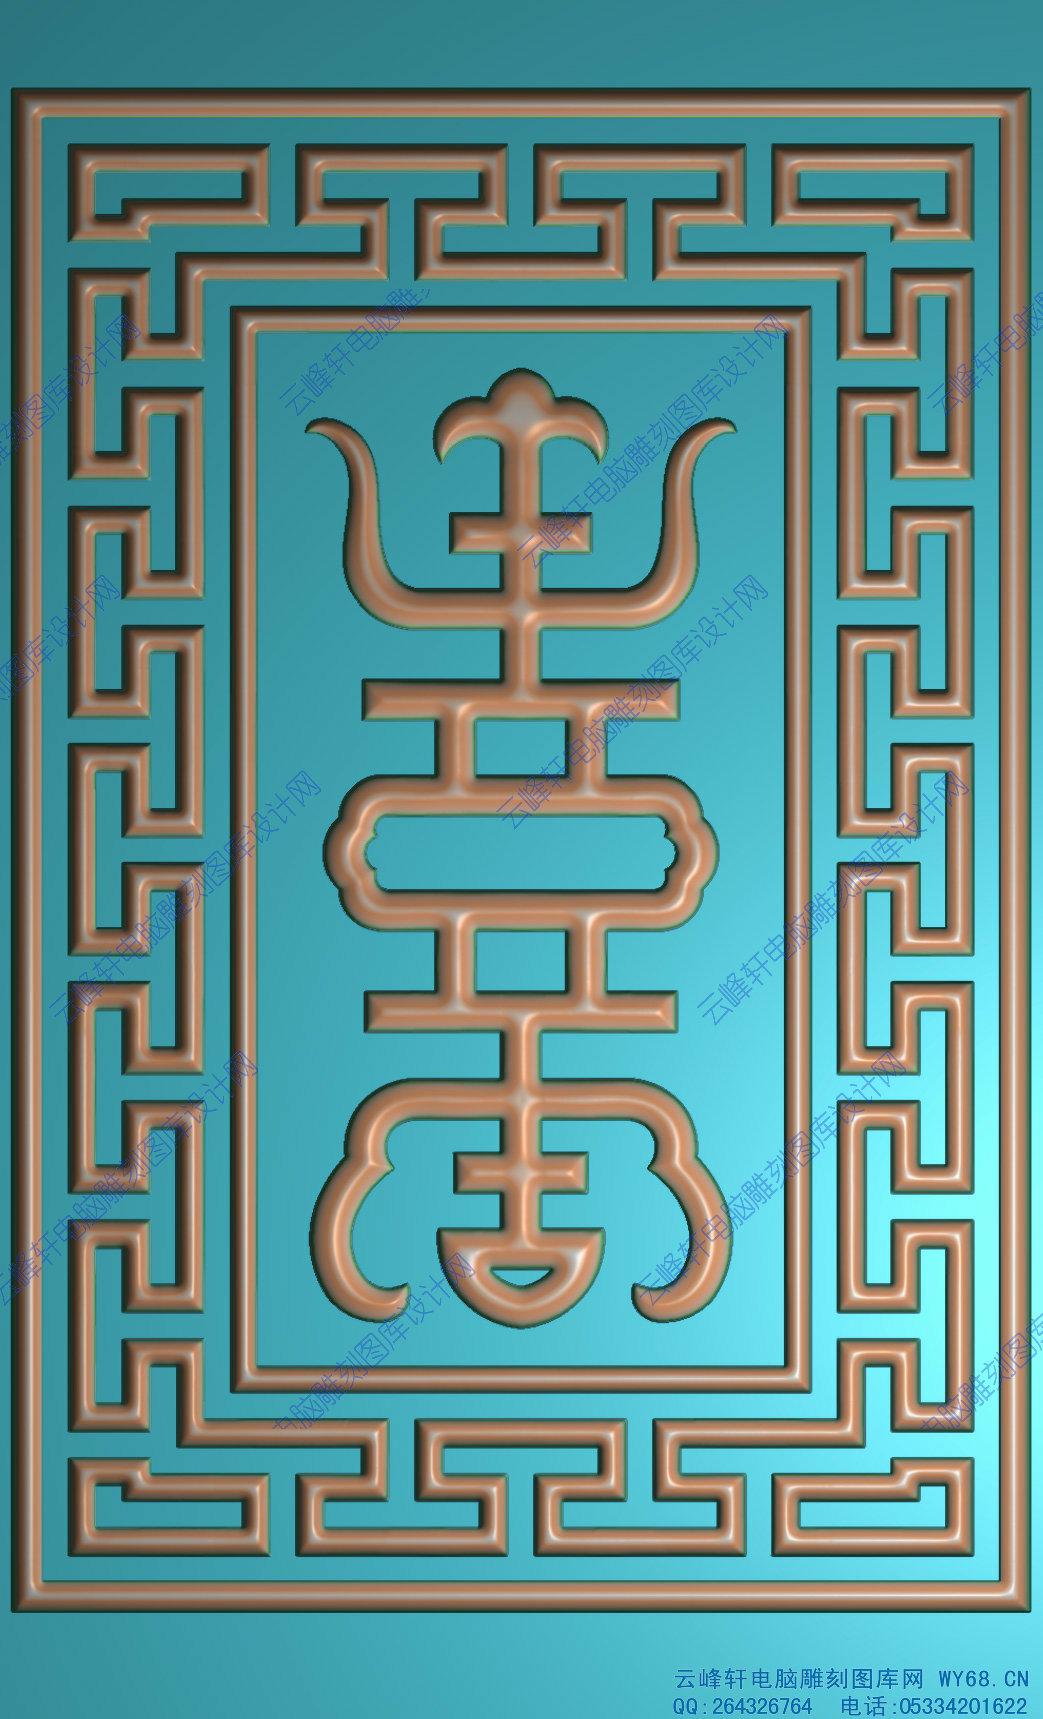 首页 电脑雕刻精雕图系列 沙发 红木家具雕刻图 沙发大全精雕图